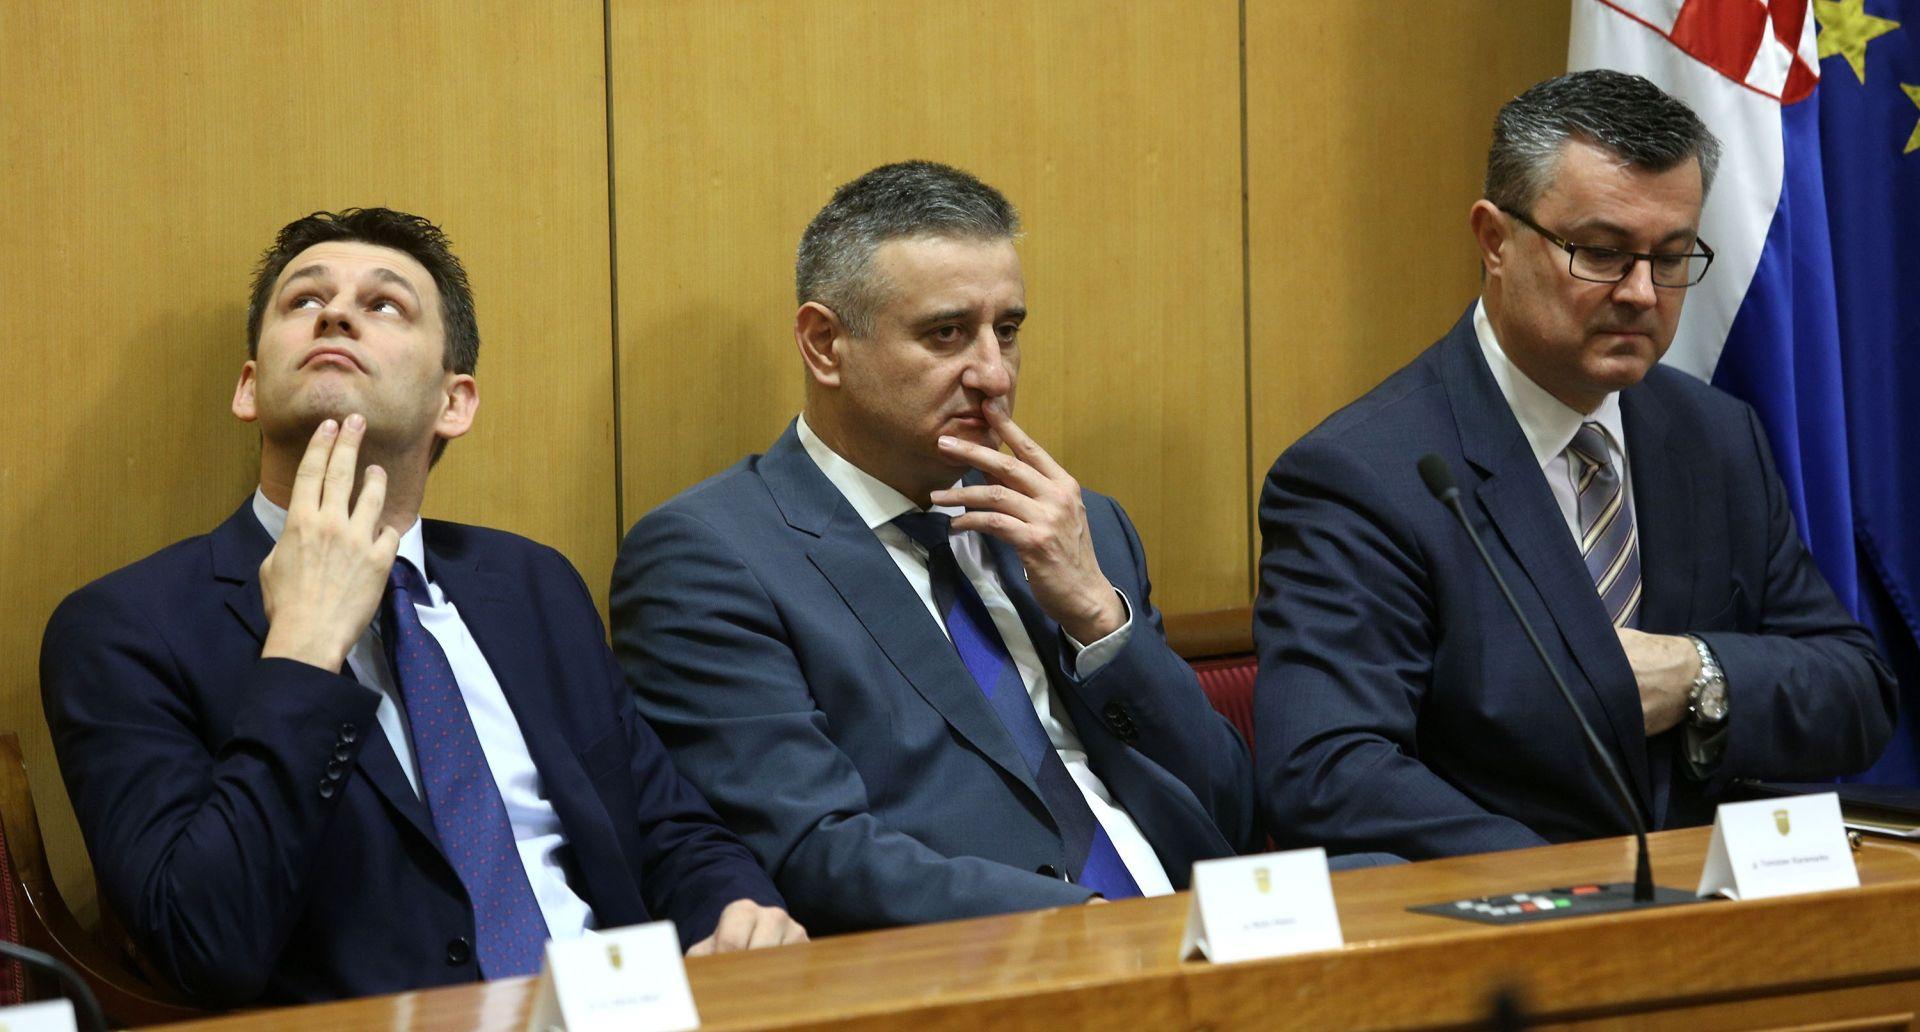 """AGENCIJE O KRIZI HRVATSKE VLADE Reuters: """"Navodni sukob interesa Karamarka doveo je vladu na rub raspada'"""